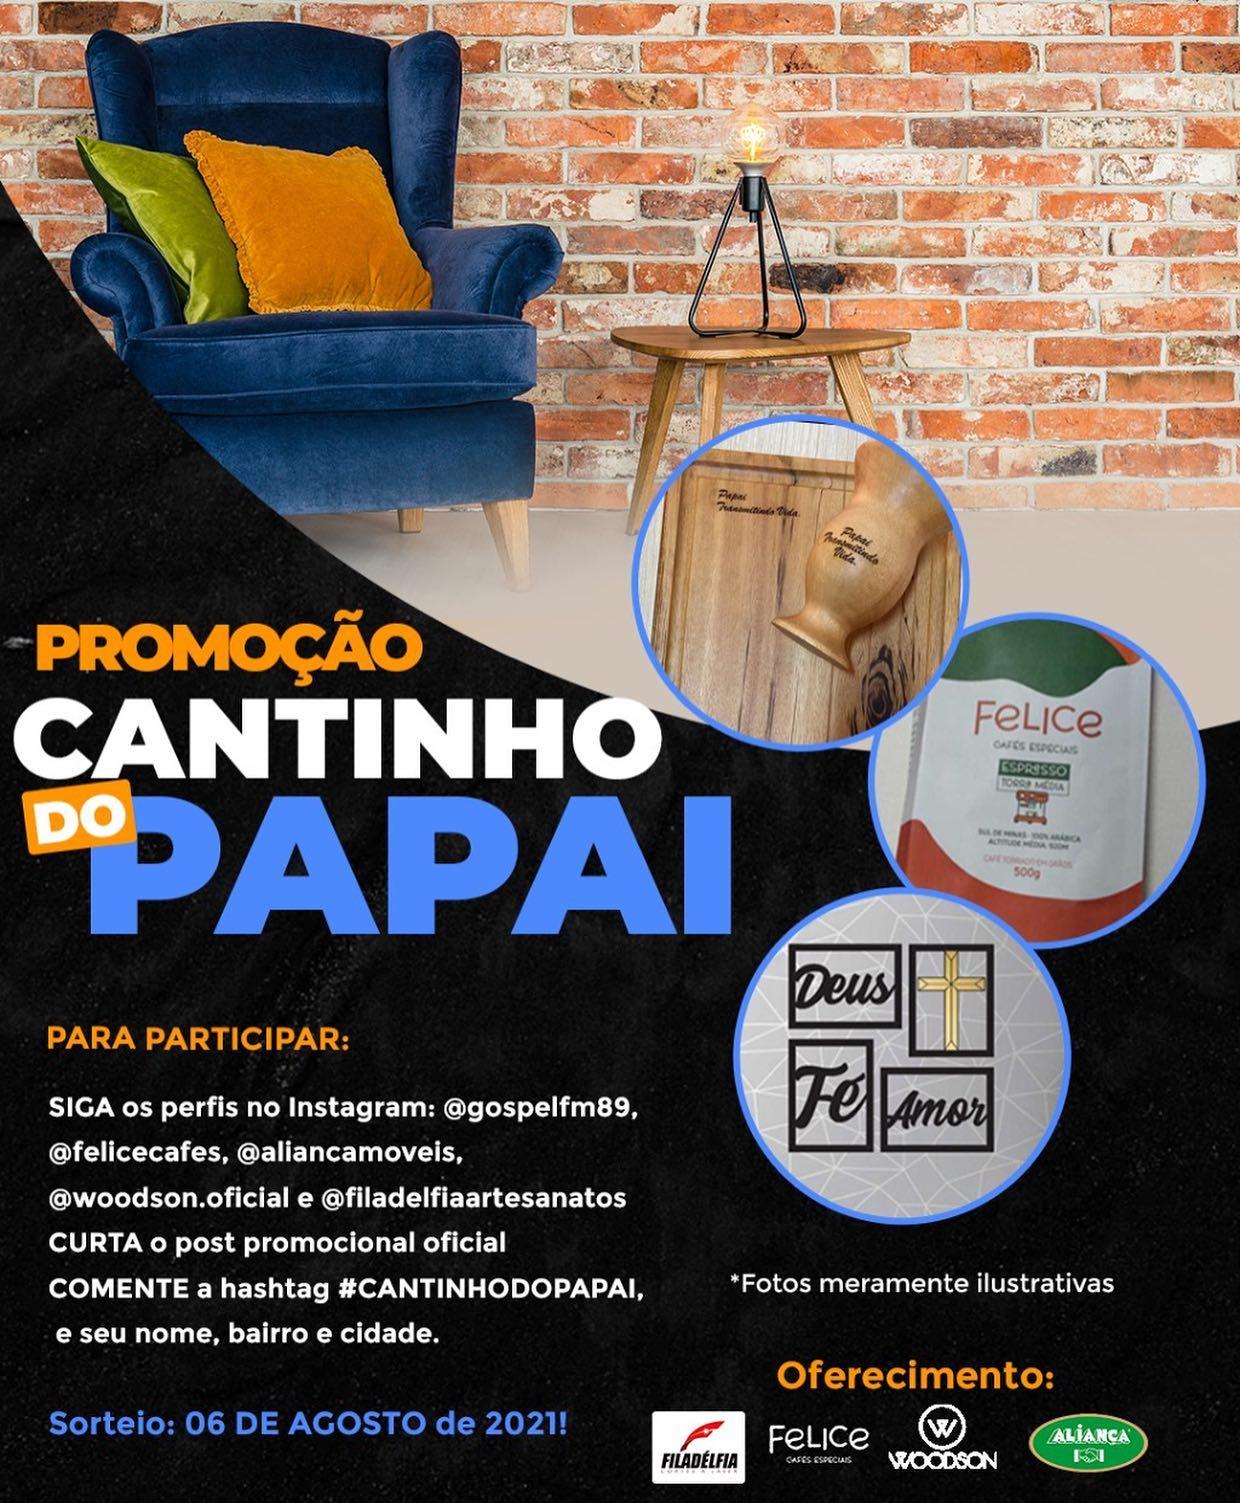 CANTINHO DO PAPAI